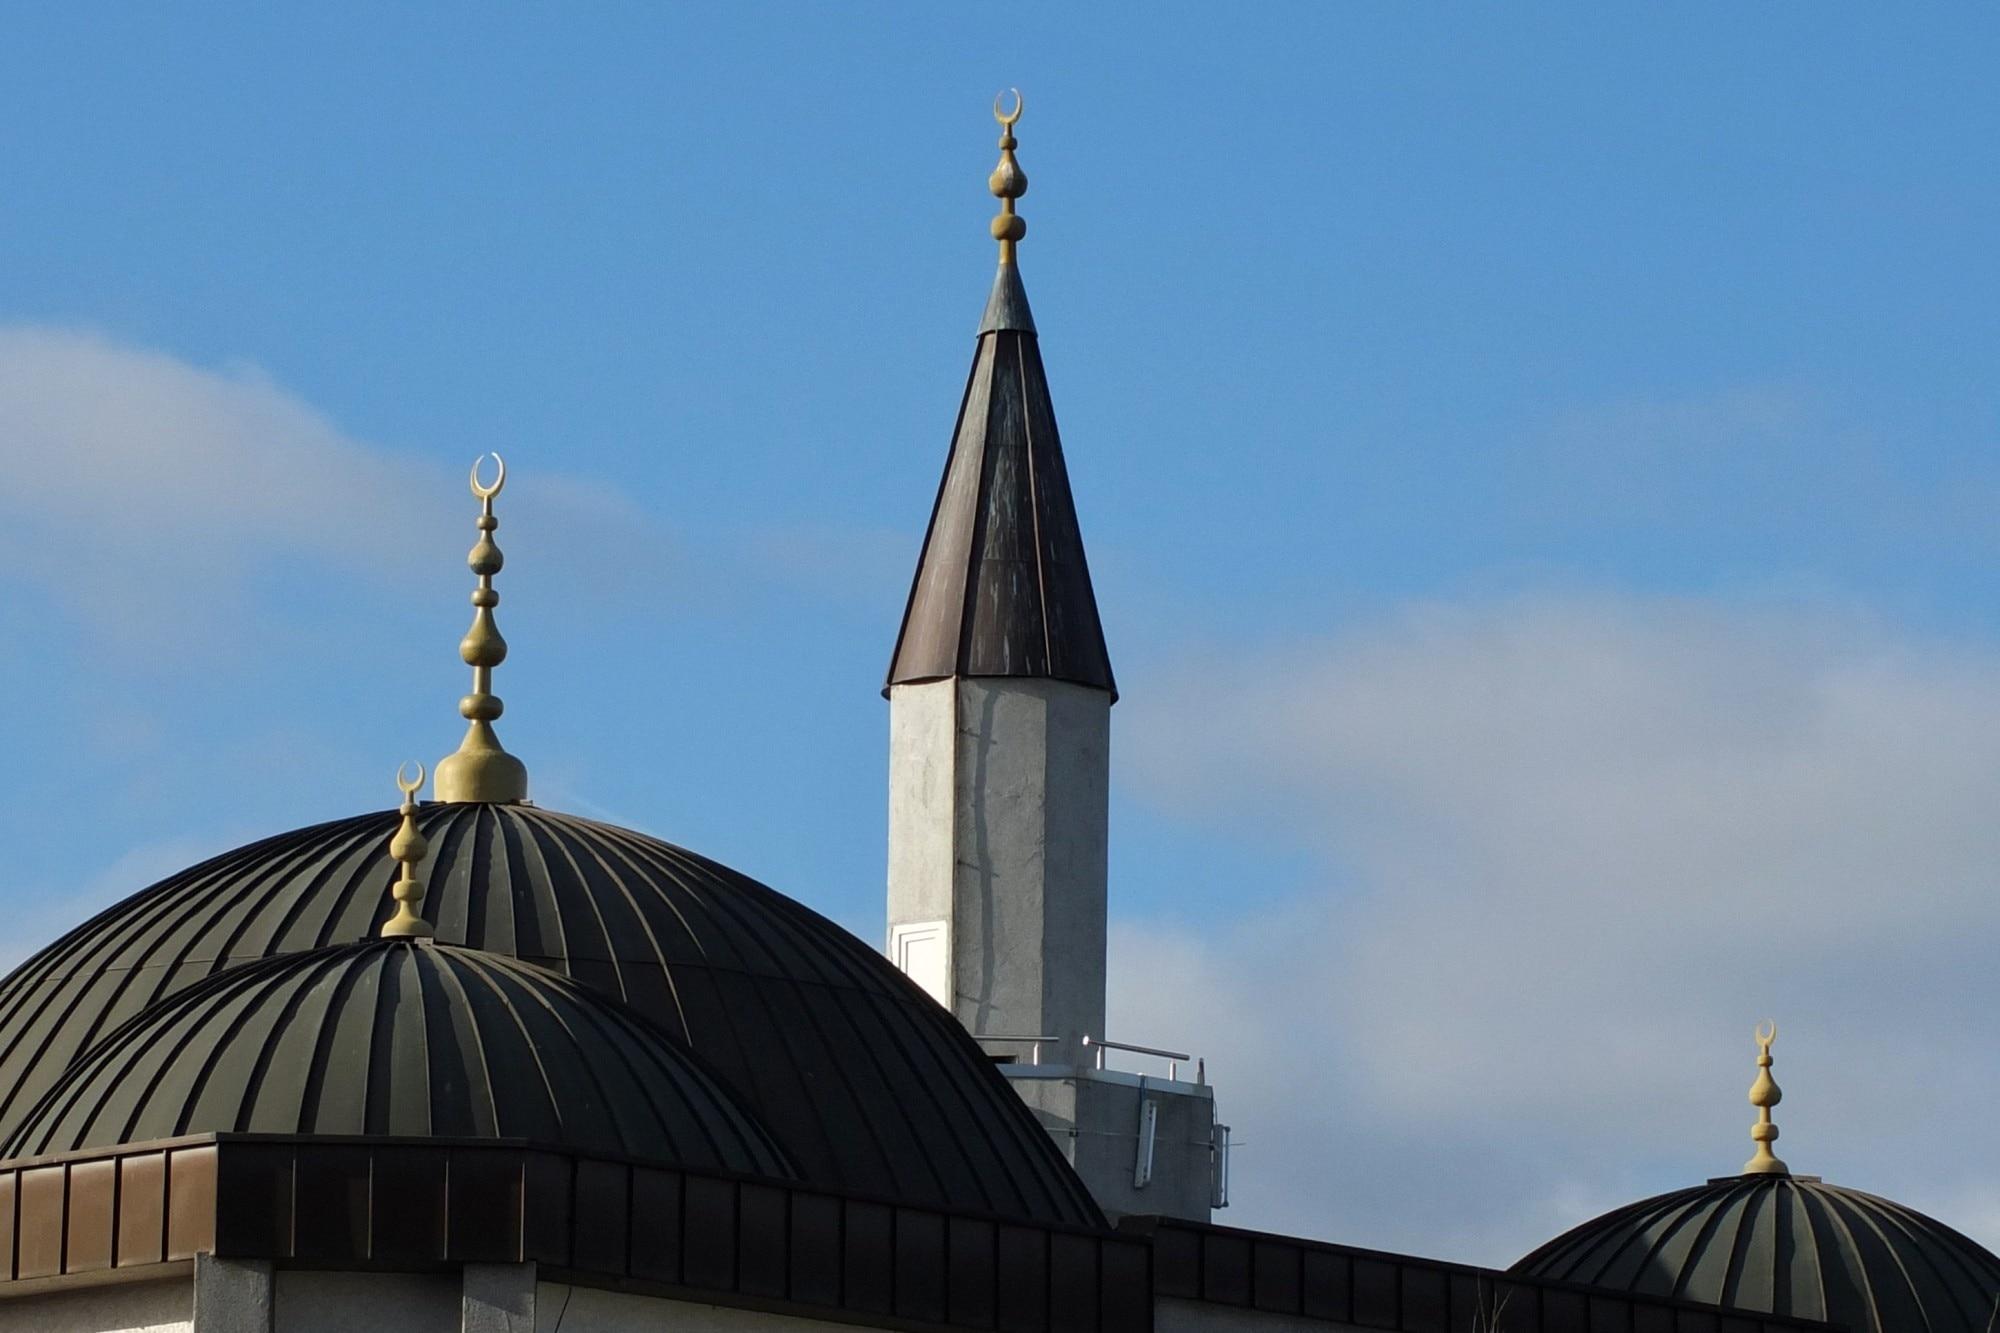 Hilden, Nordrhein-Westfalen